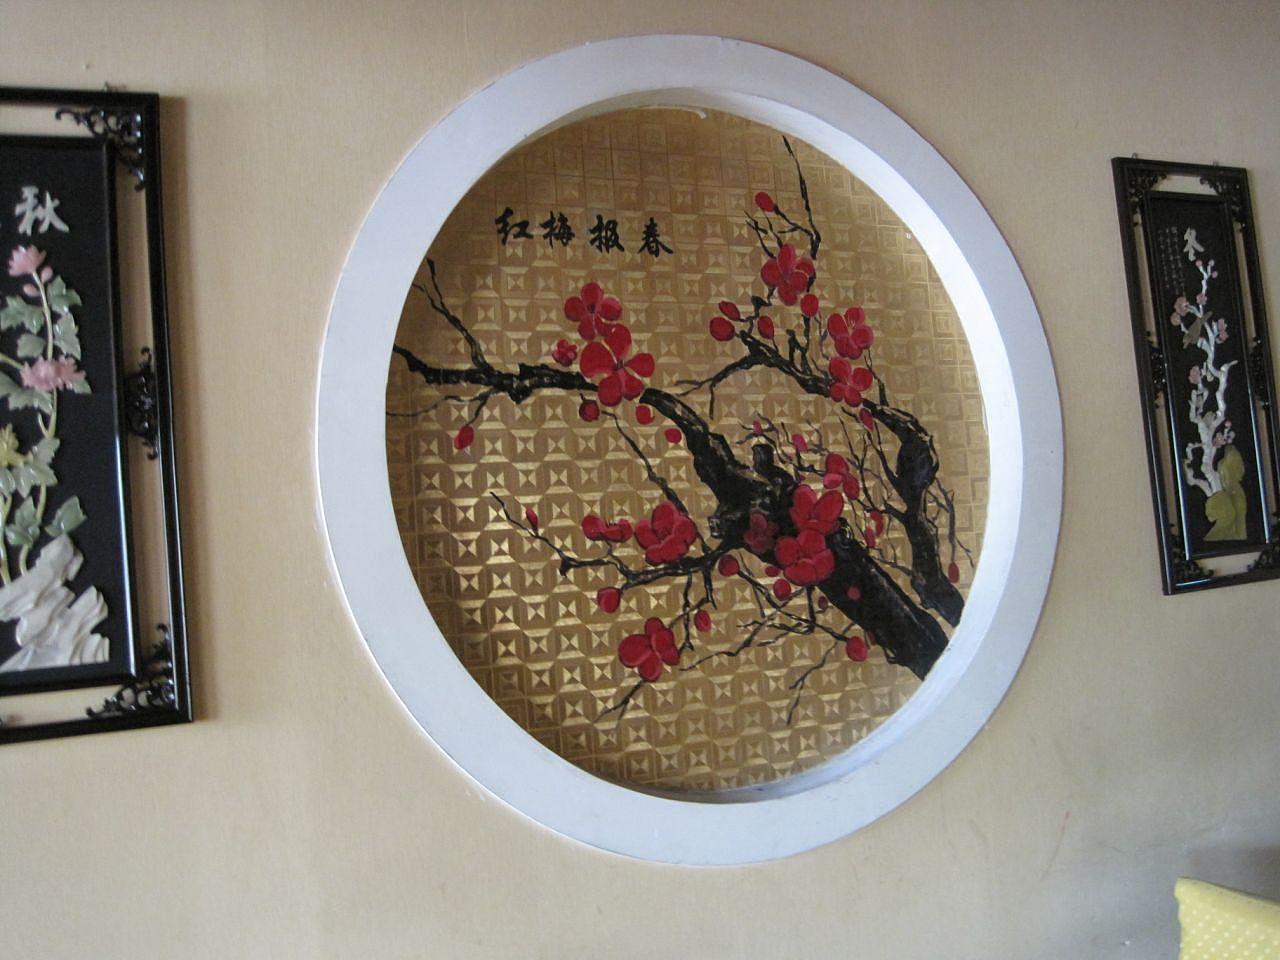 中式餐馆手绘背景墙|插画|商业插画|白头鹰 - 原创